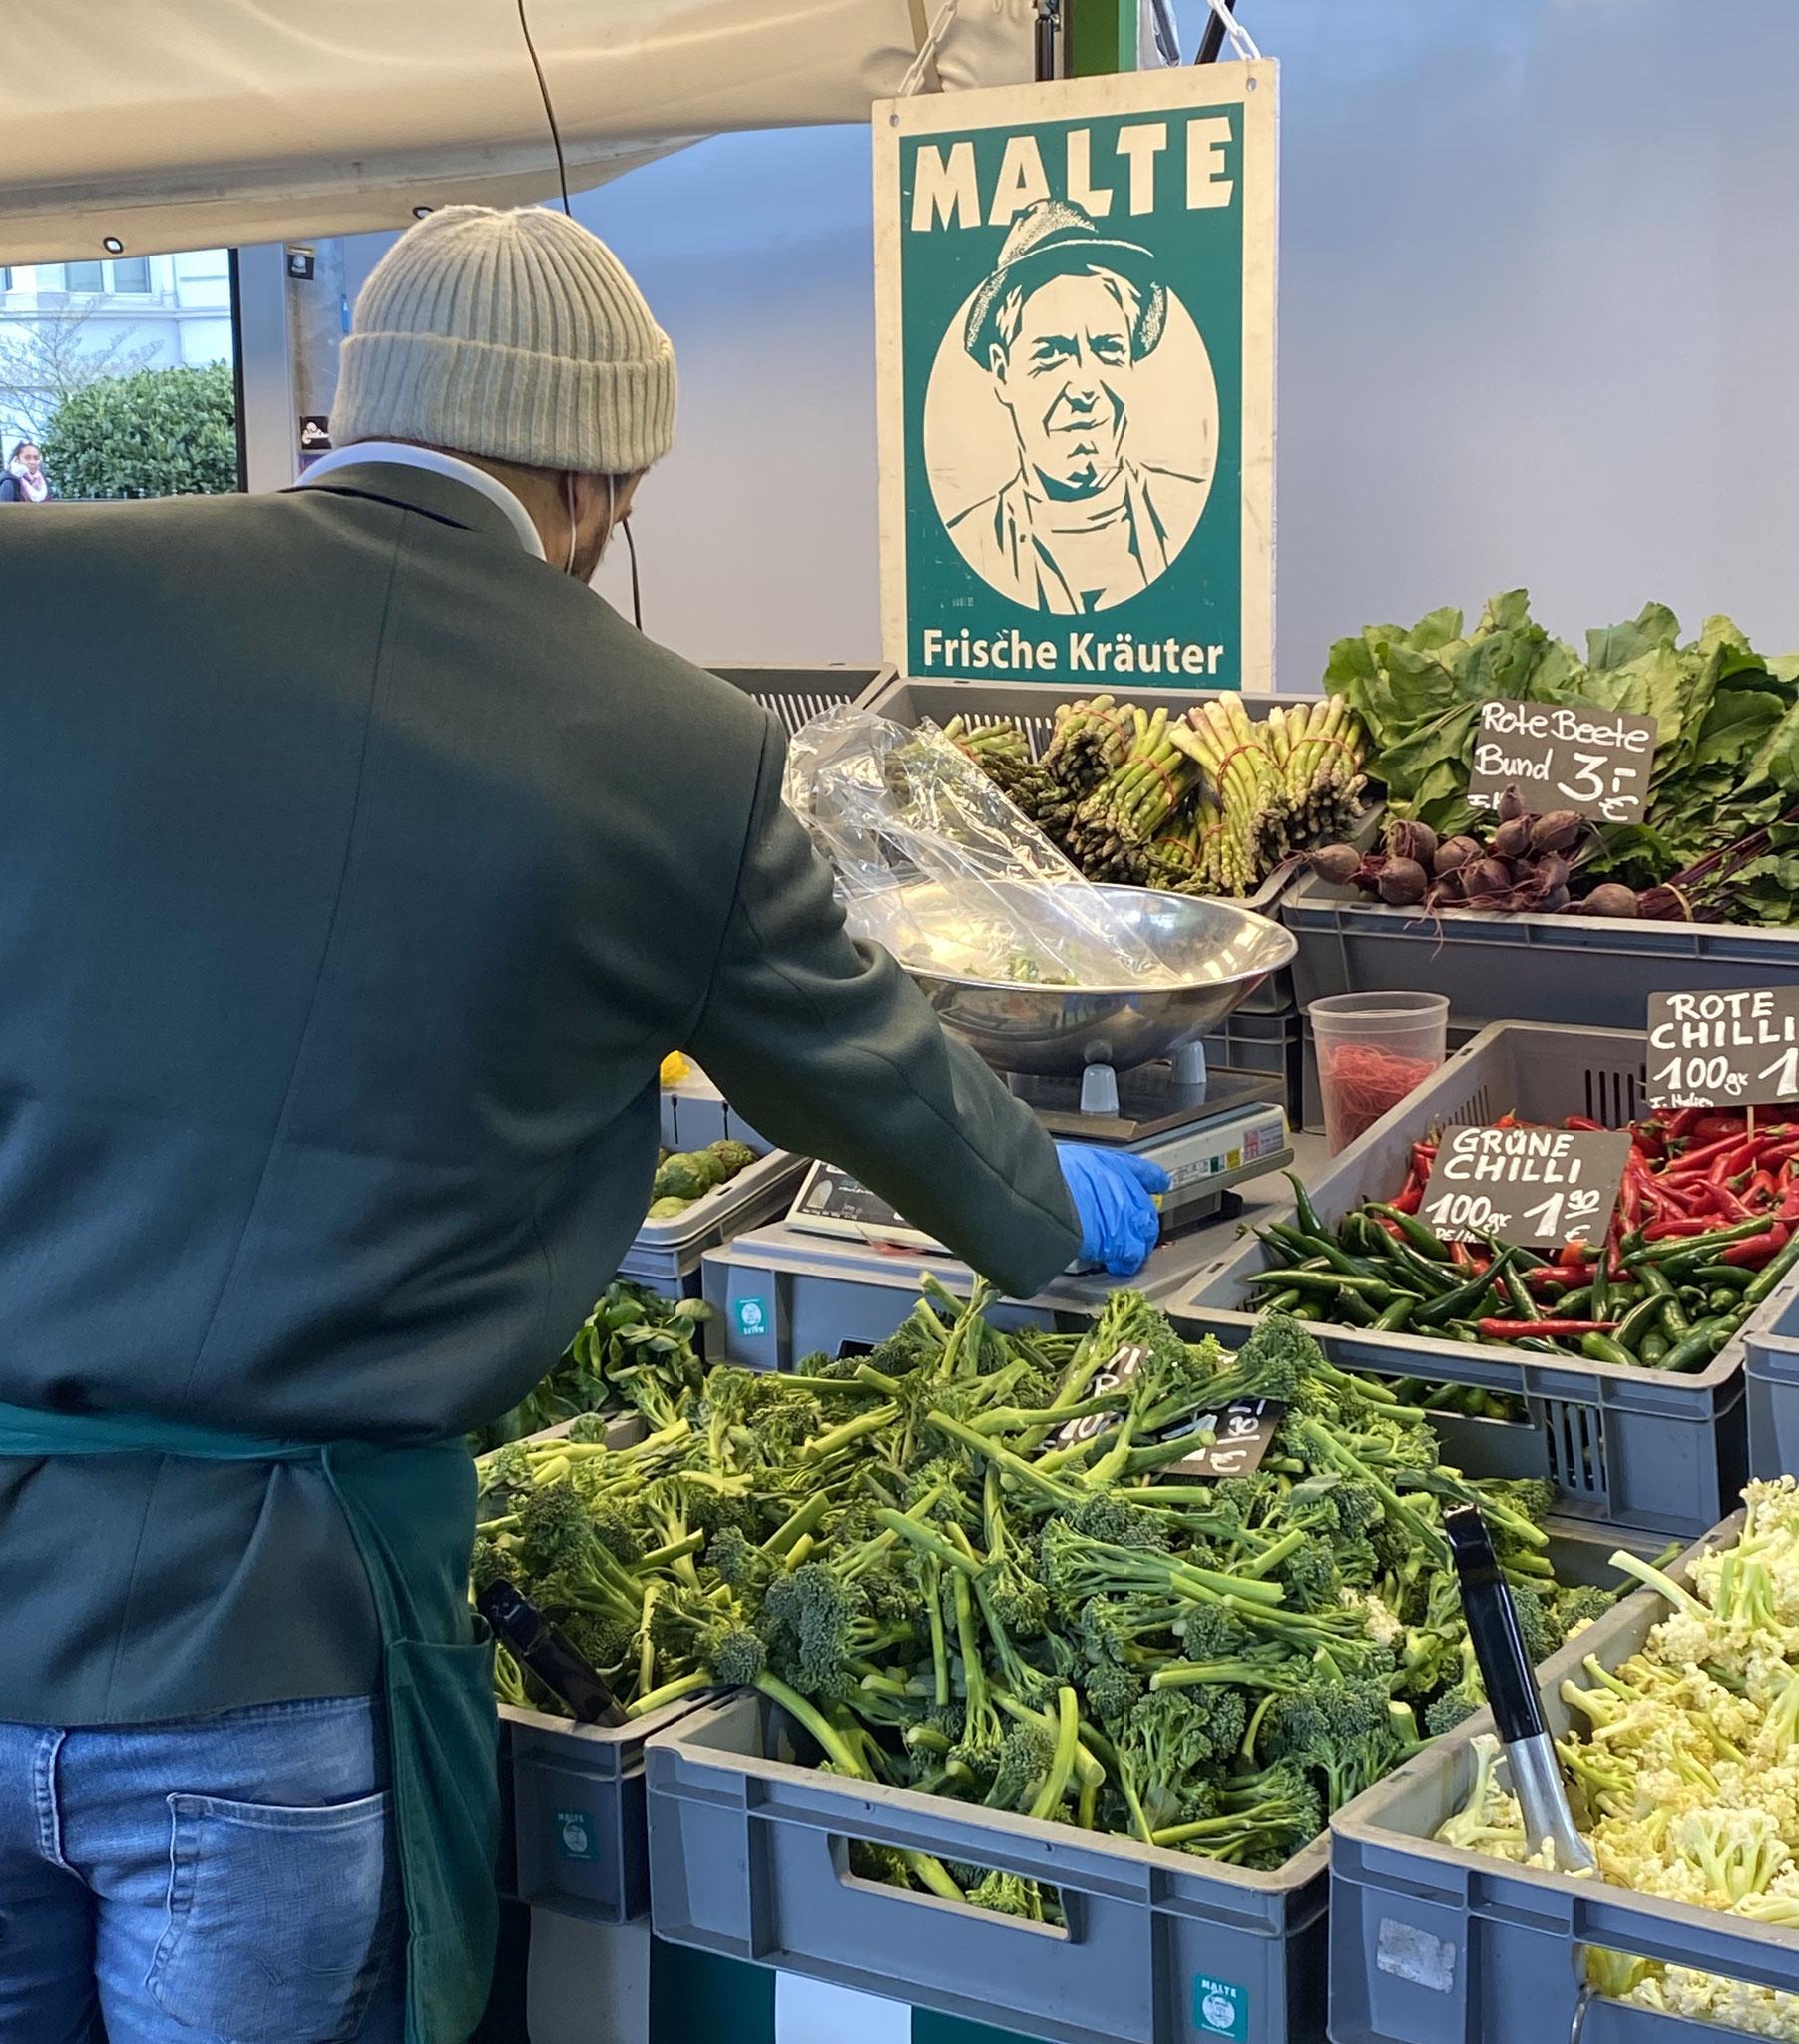 Malte Frische Kräuter - Marktstand